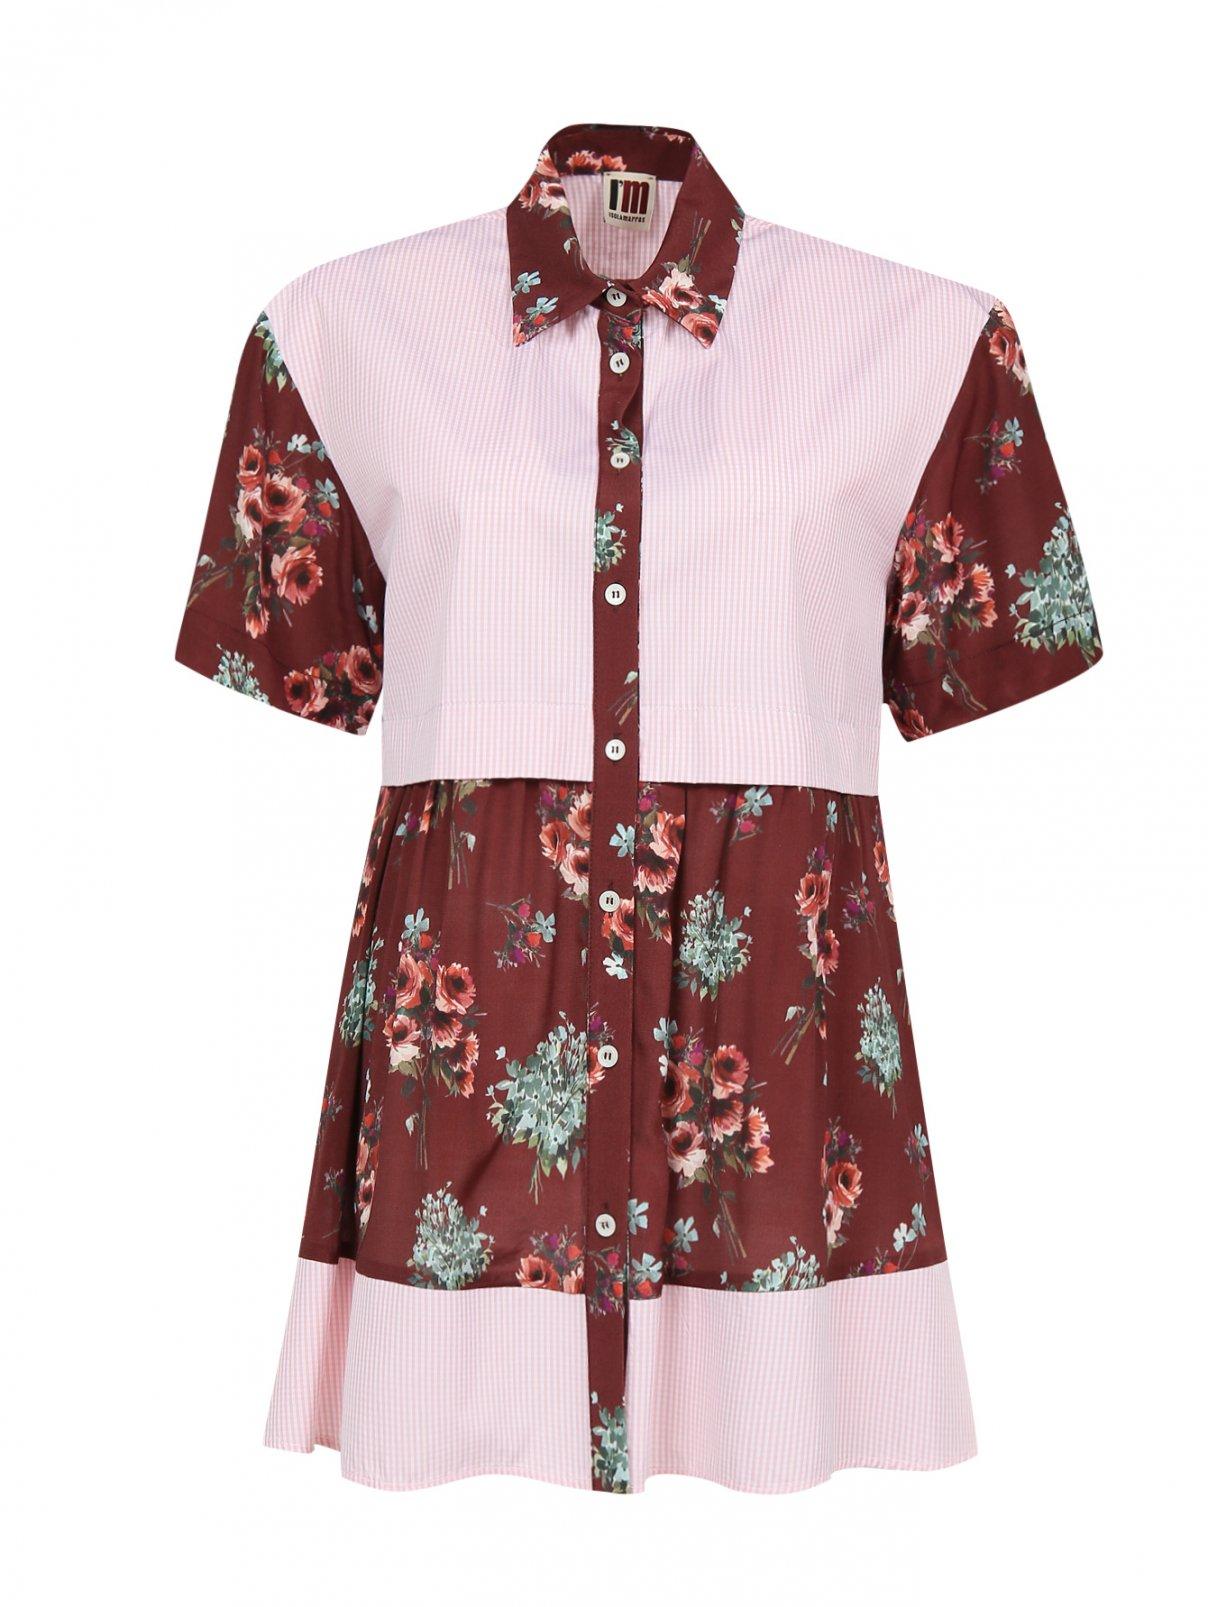 Блуза из хлопка и вискозы с контрастными вставками I'M Isola Marras  –  Общий вид  – Цвет:  Узор